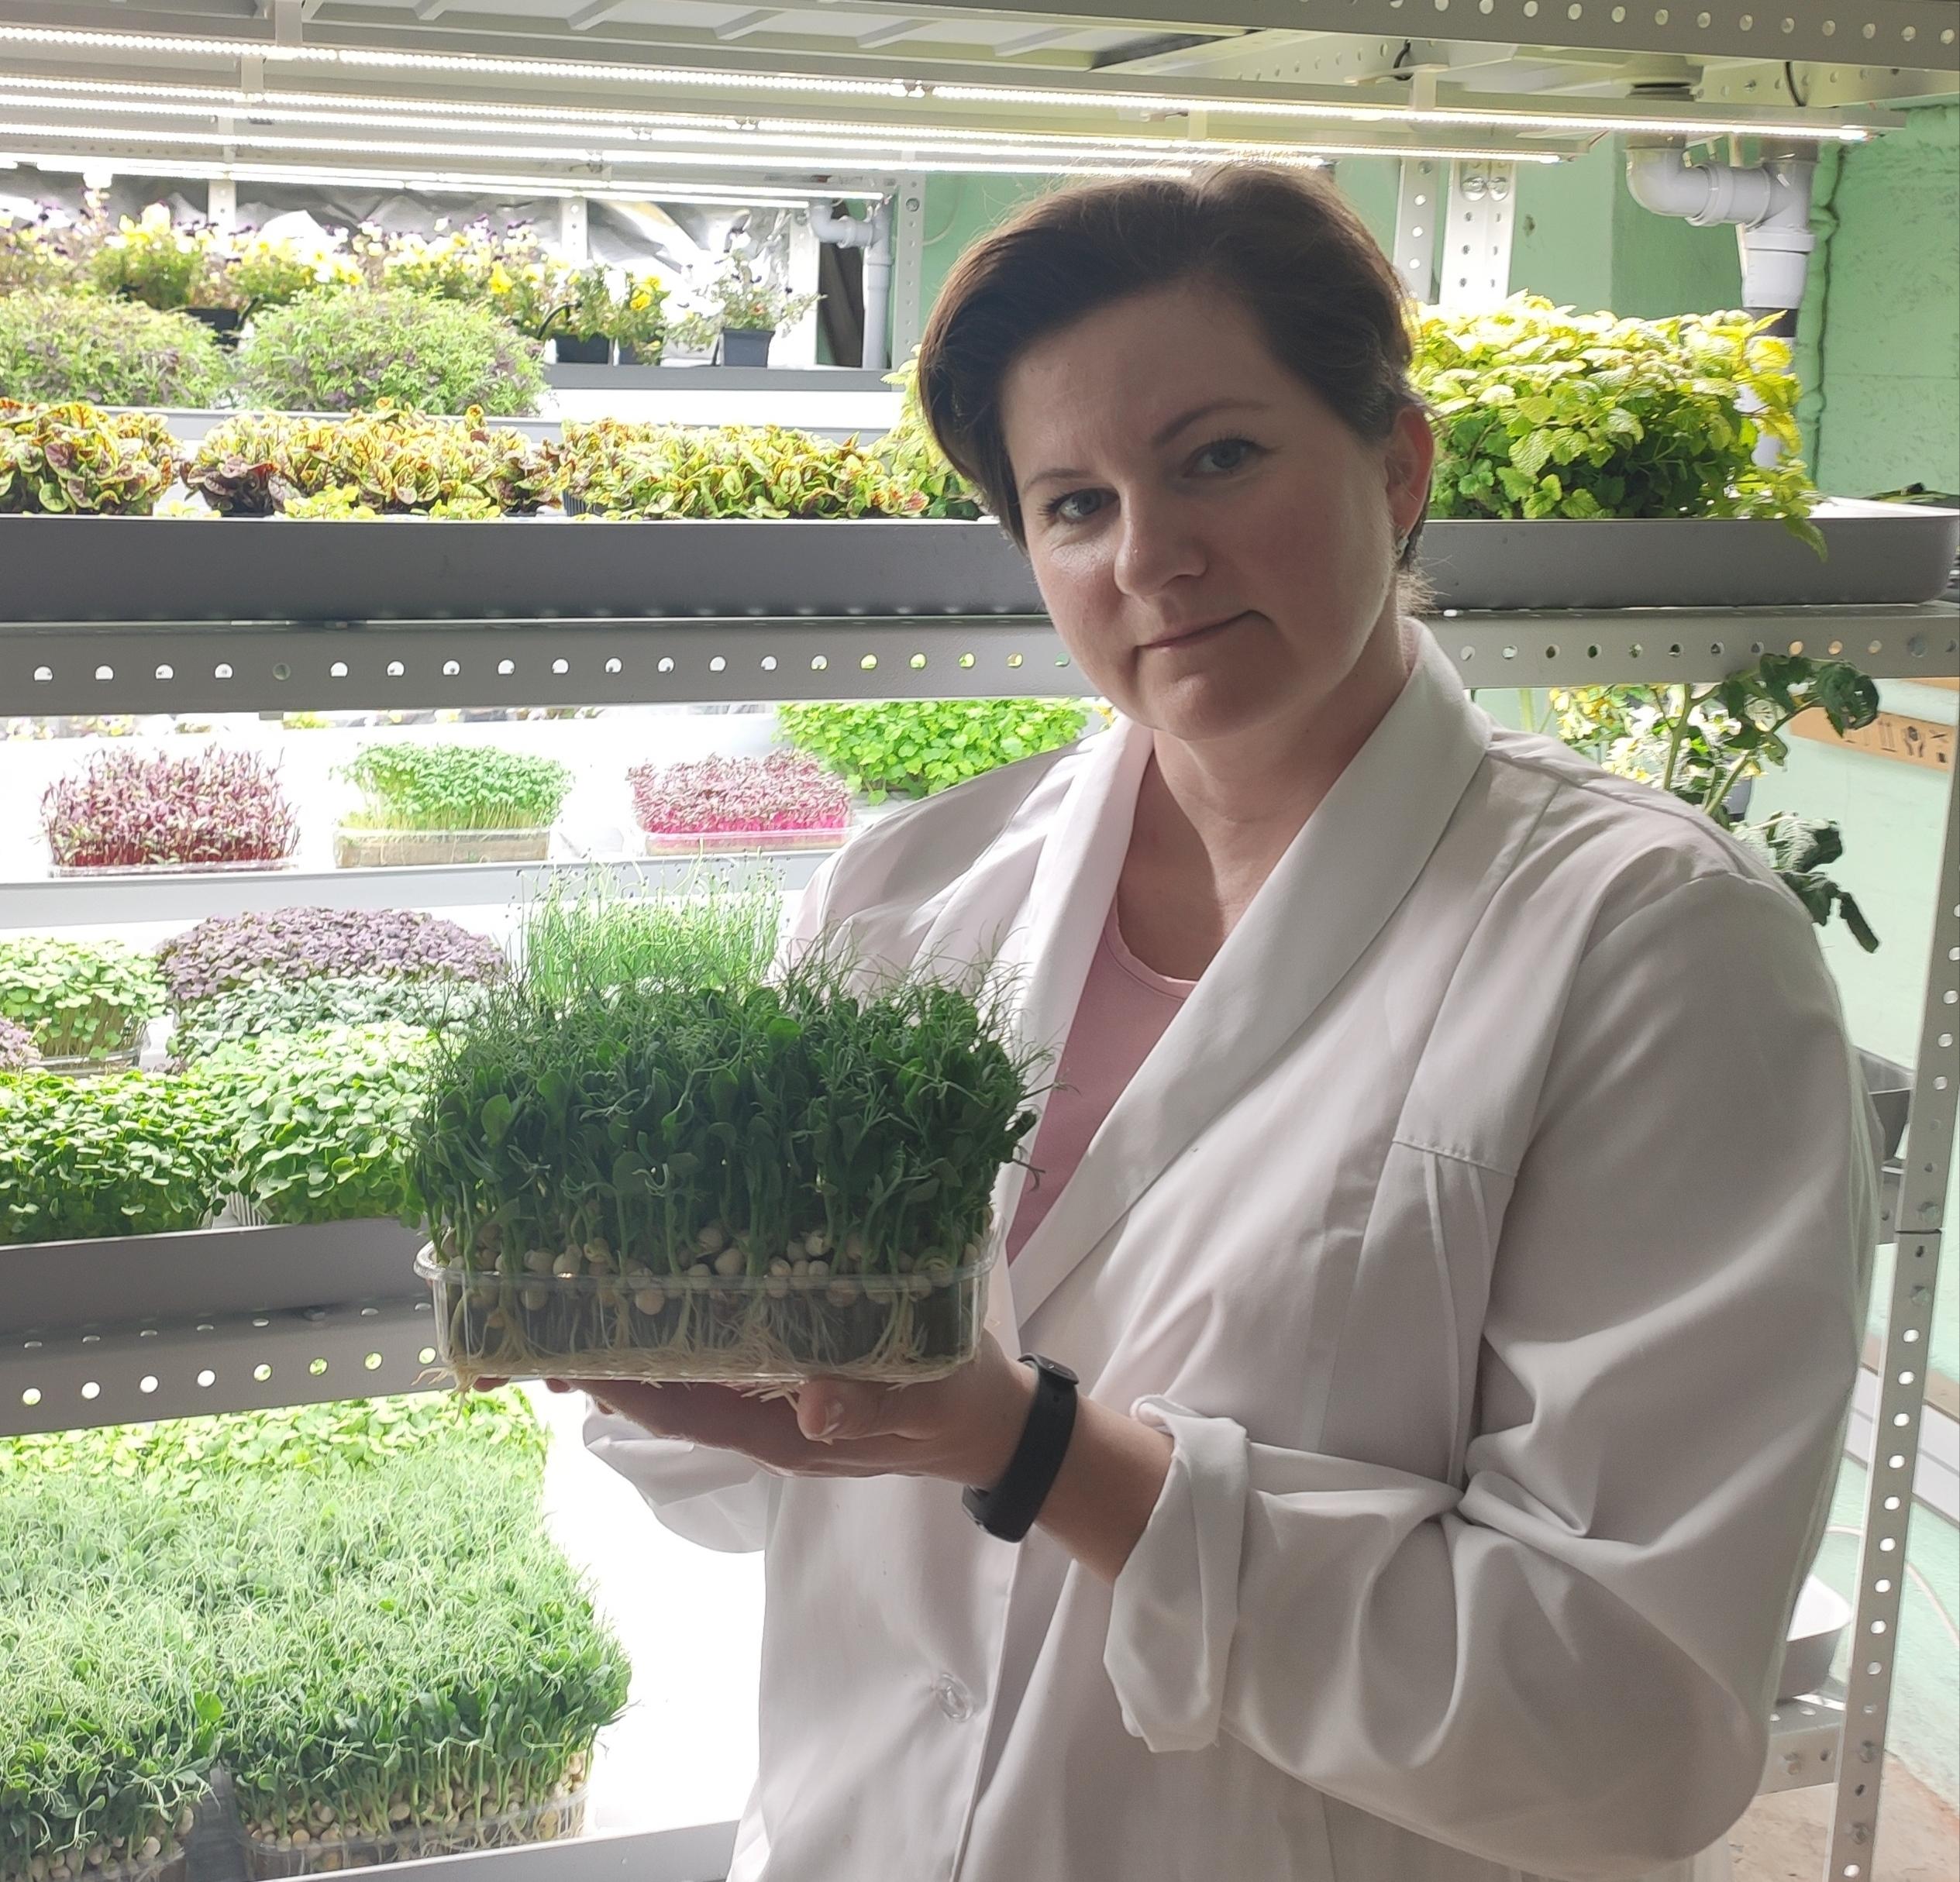 Ирина Радченко агроном и руководитель производственной компании ПК Расти